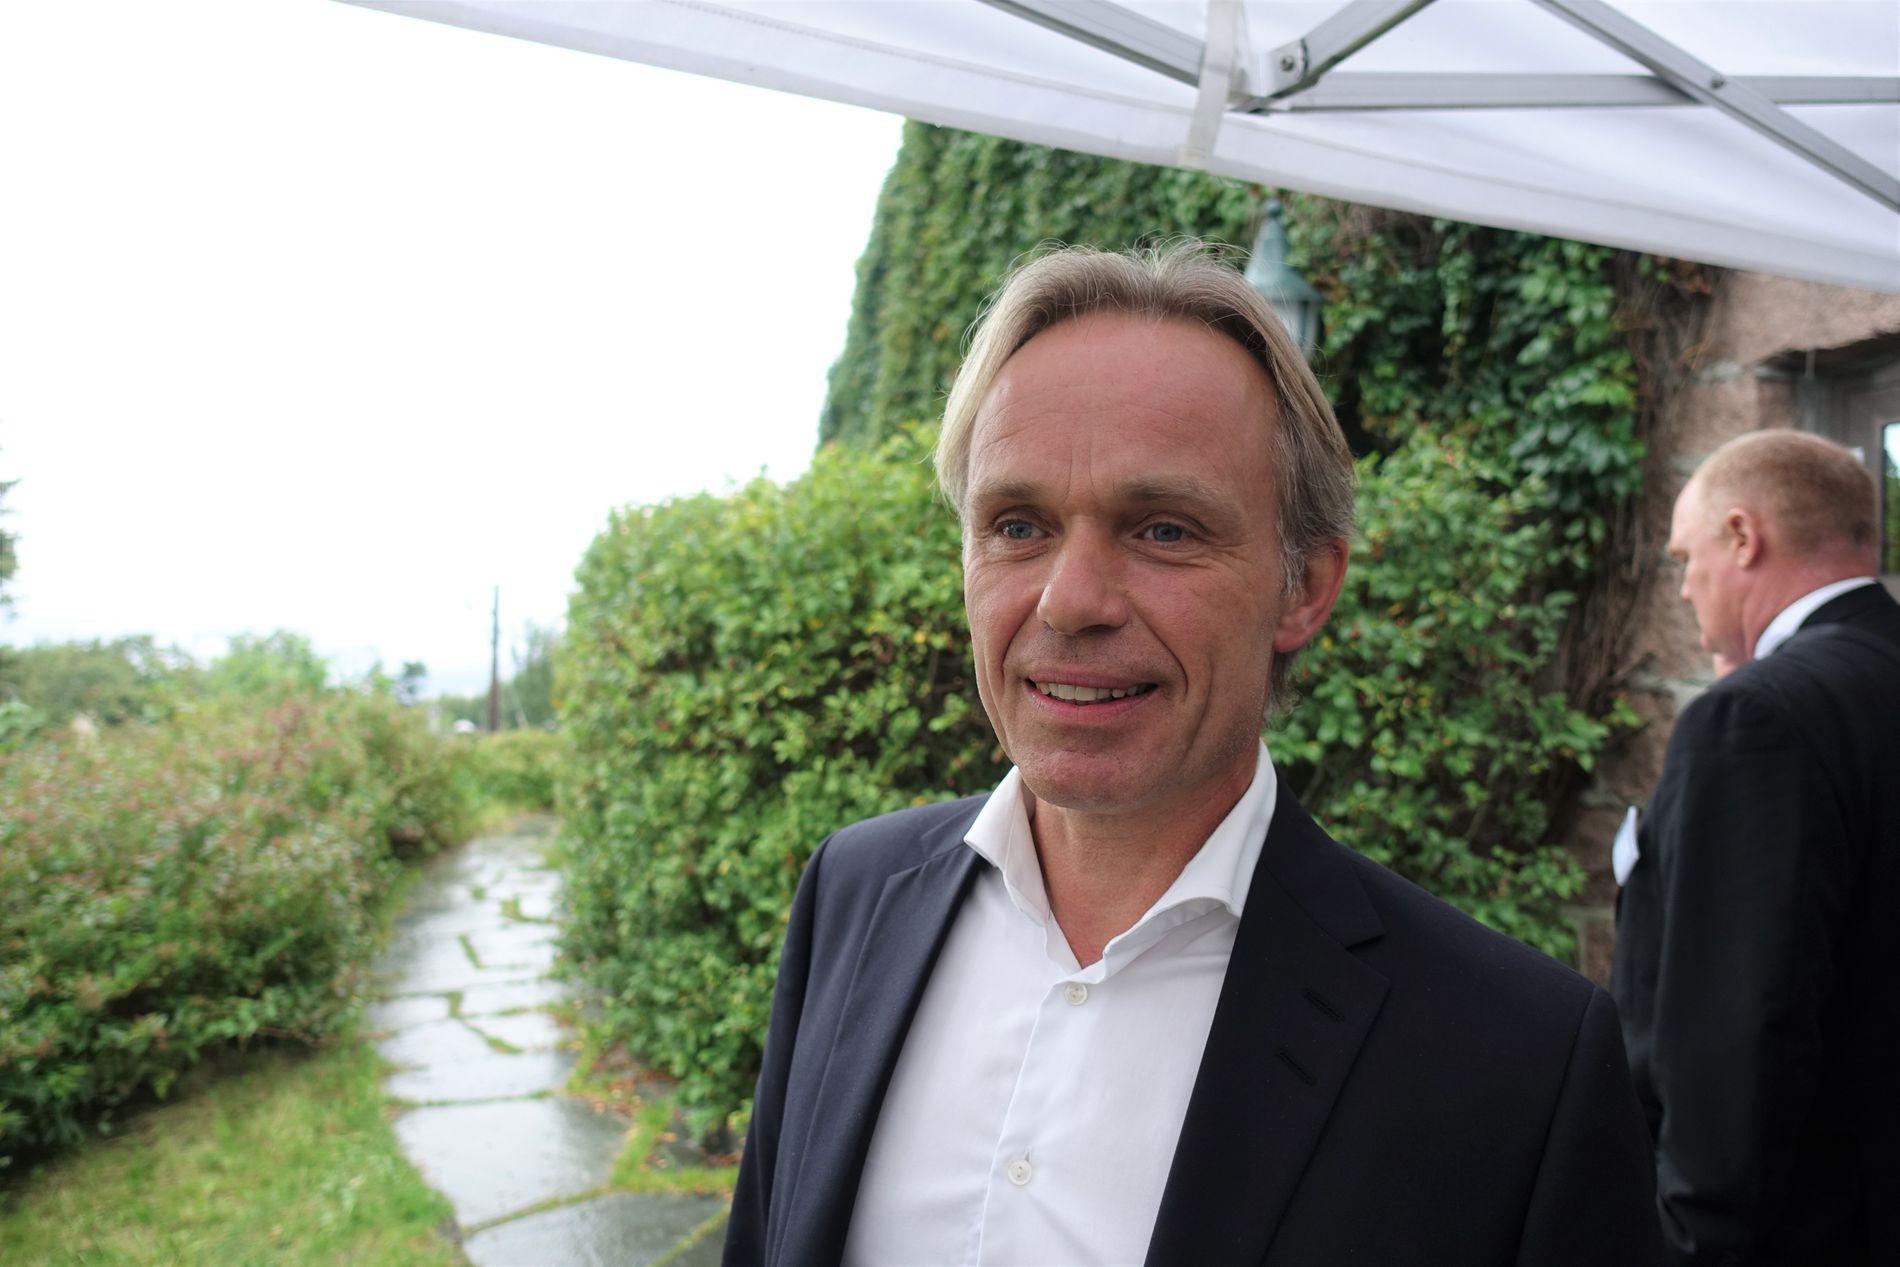 KREVENDE TIDER: Det er fortsatt krevende for deler av oljeindustrien, ifølge Jostein Alendal, daglig leder i Reach Subsea. Han tror at det vil komme en ny oppgang.